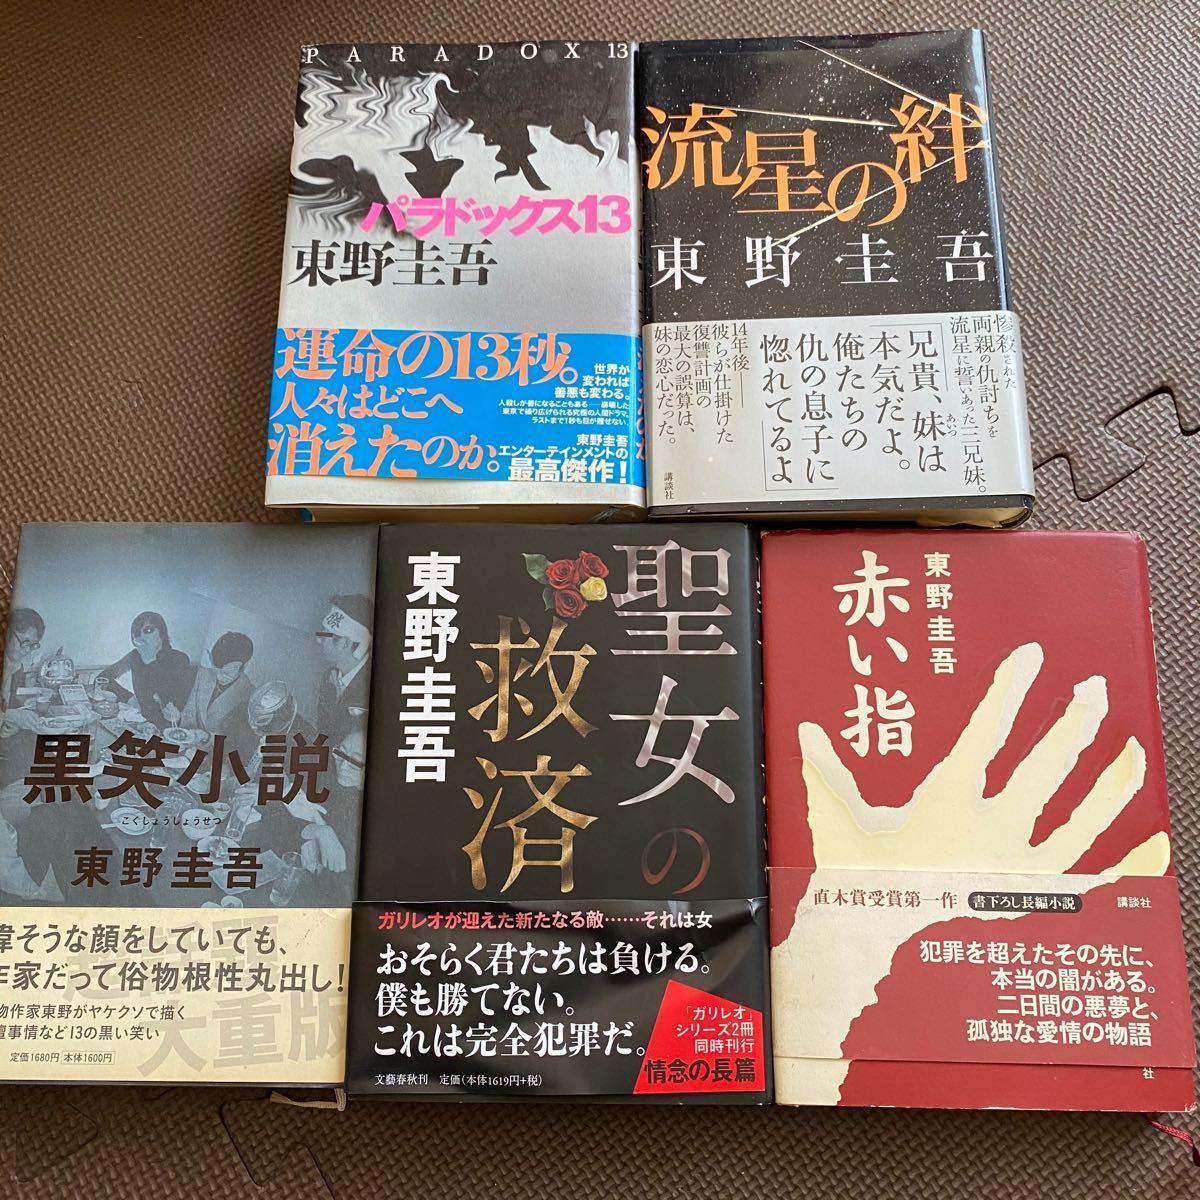 東野圭吾 まとめ売り 流星の絆 赤い指 パラドックス13 聖女の救済 黒笑小説